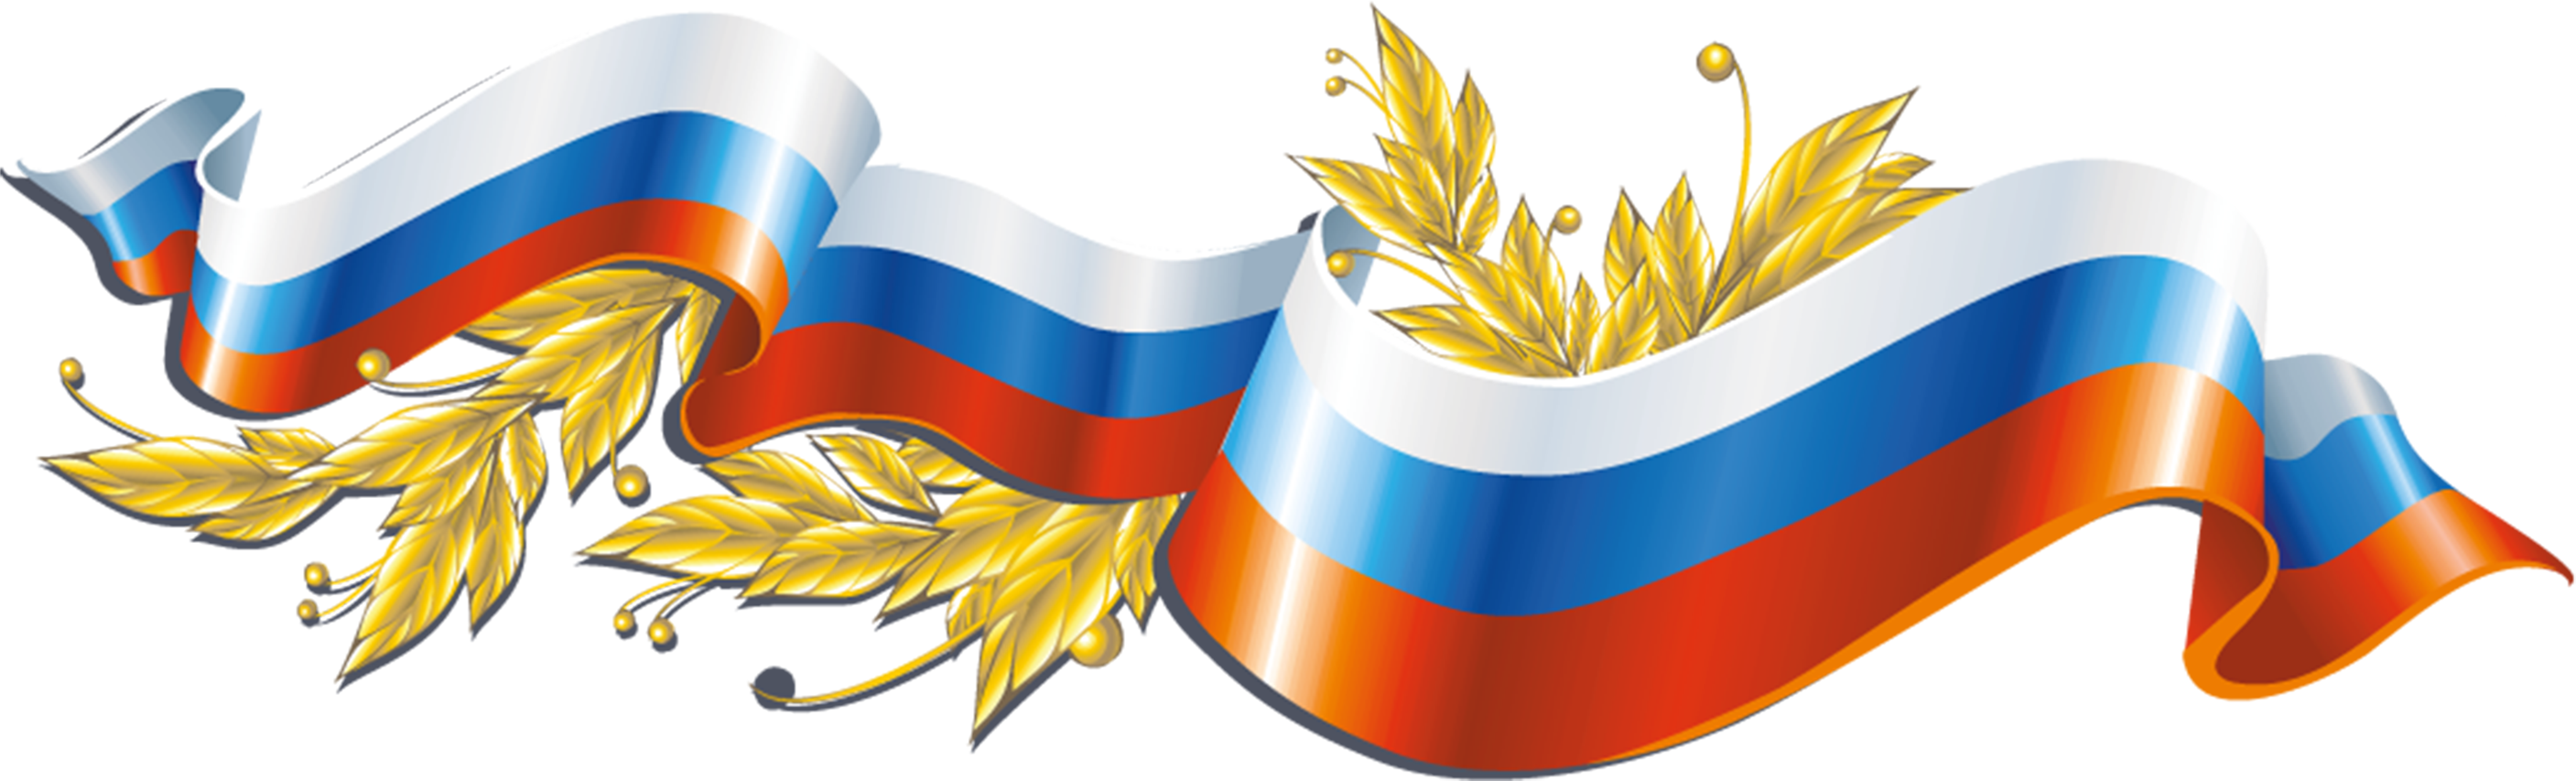 Герб россии png на прозрачном фоне